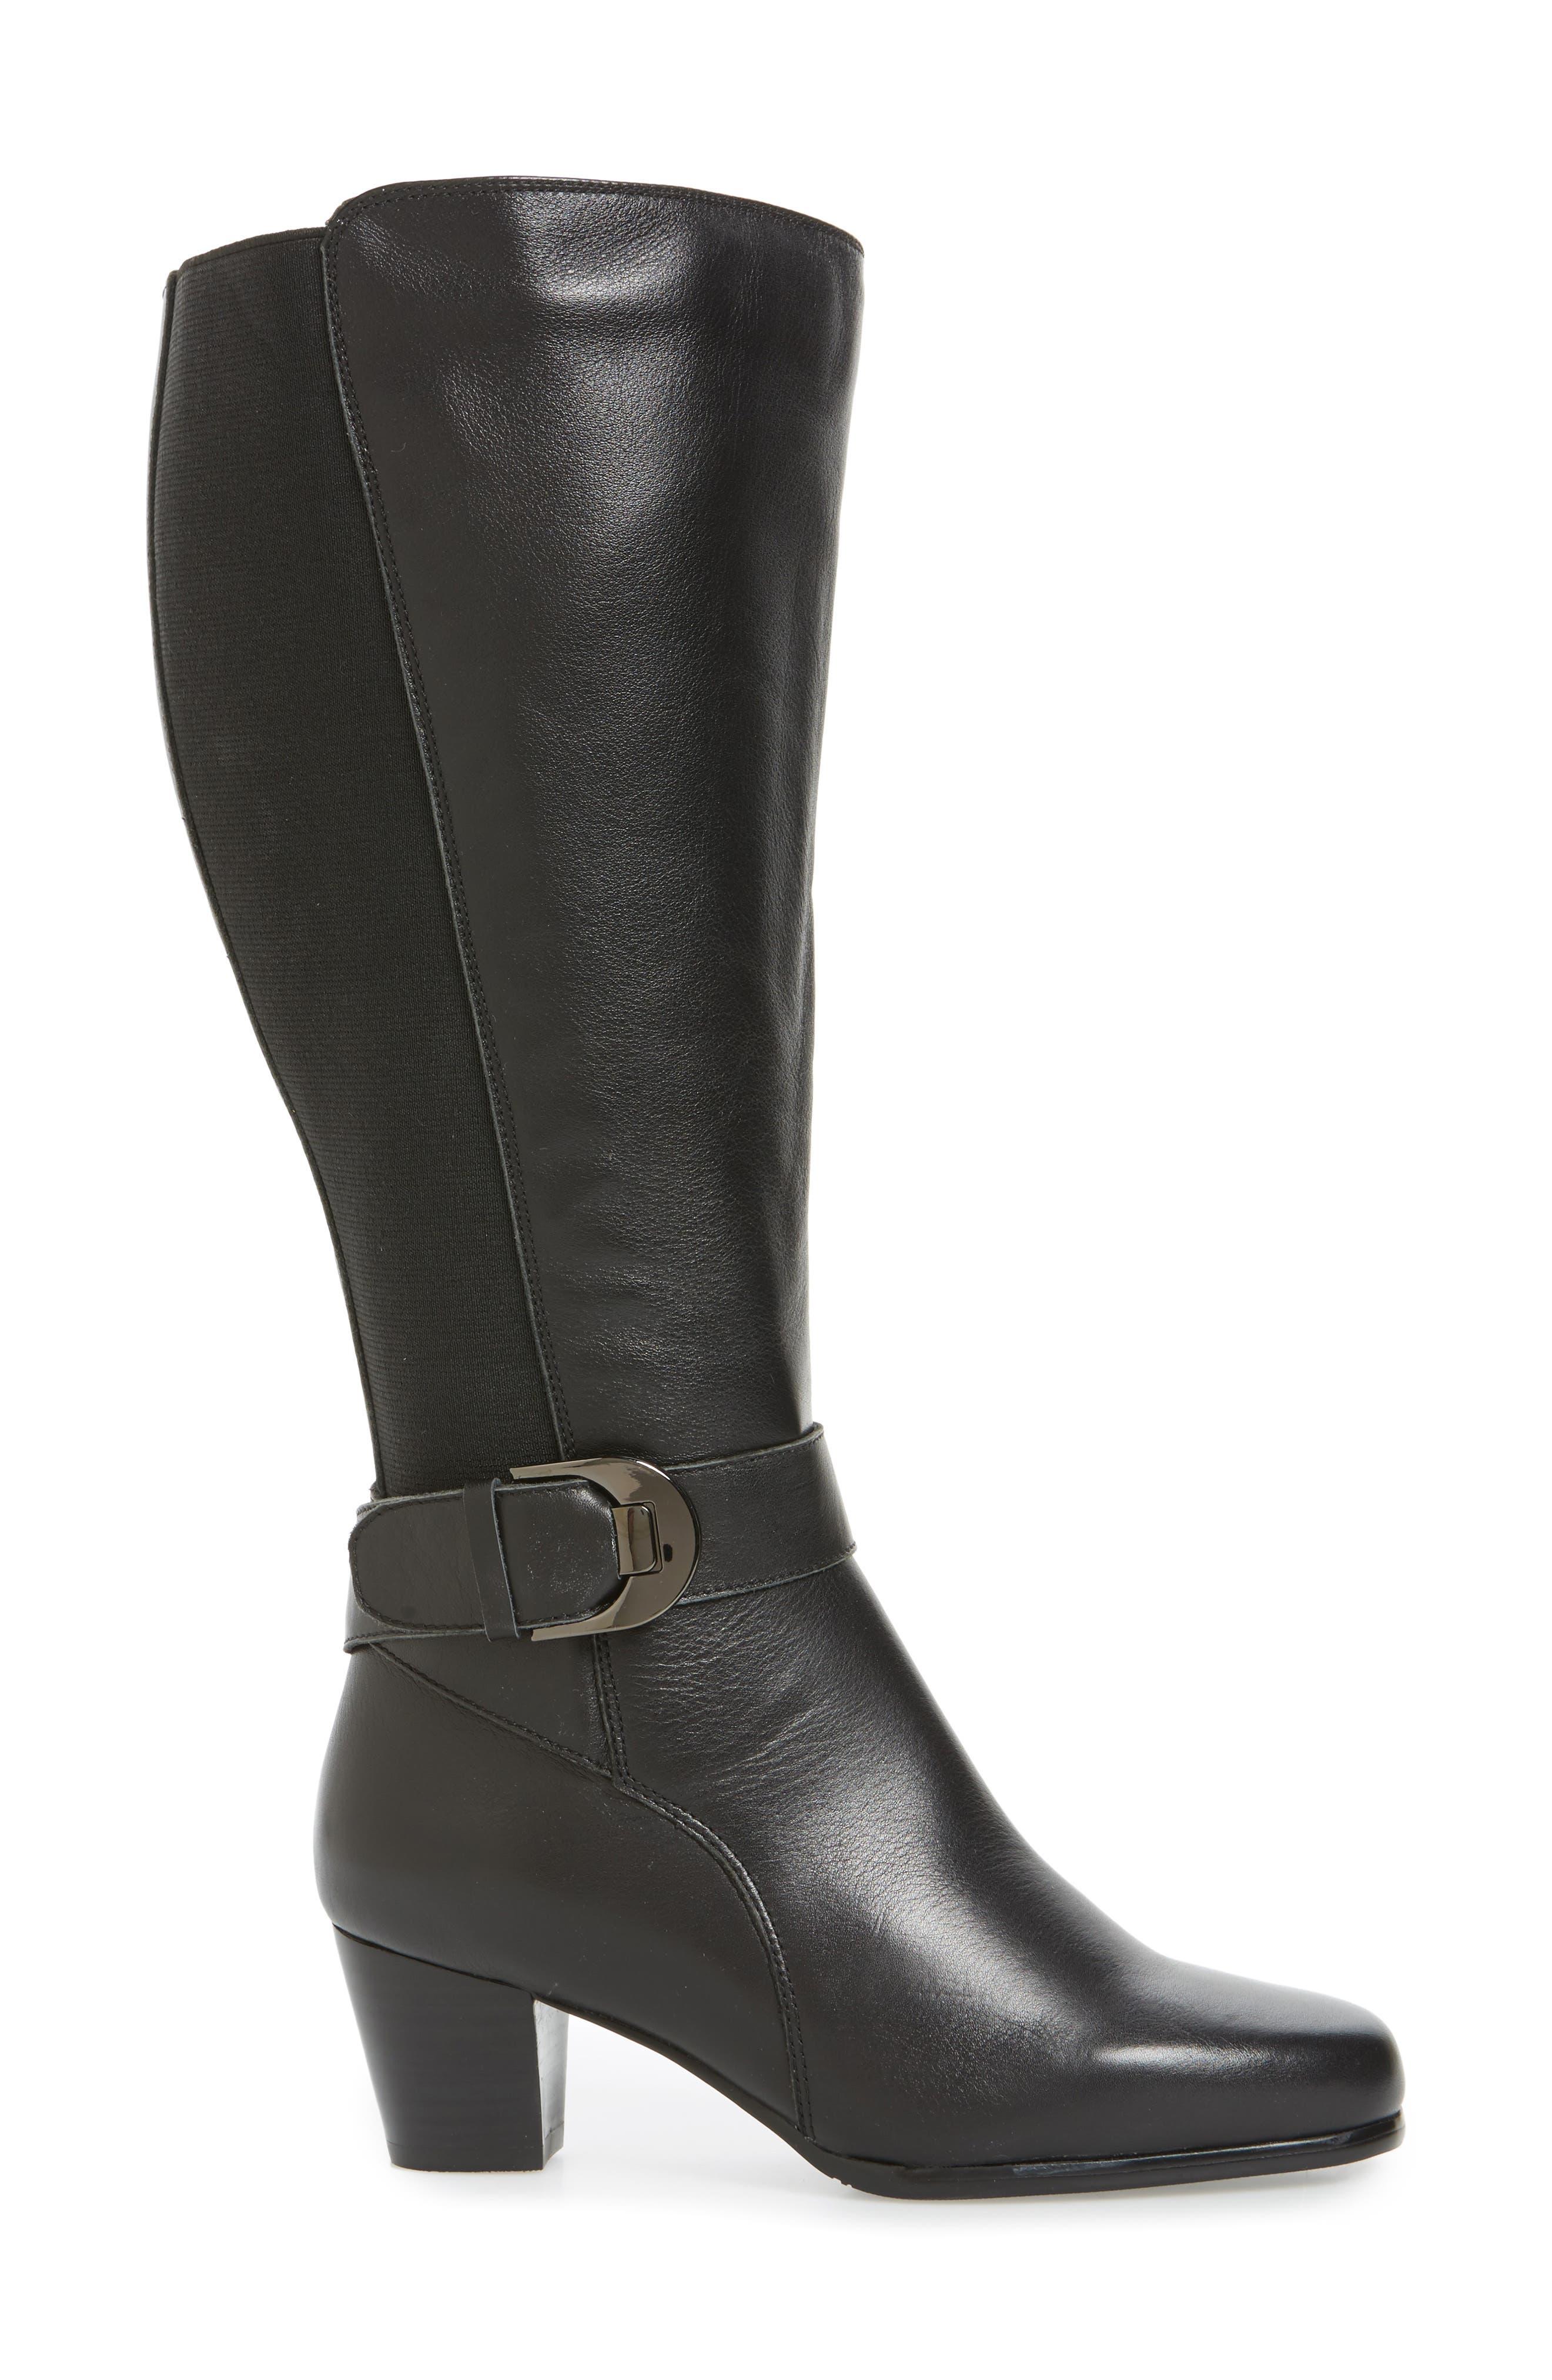 Bonita 18 Boot,                             Alternate thumbnail 3, color,                             Black Leather Fabric